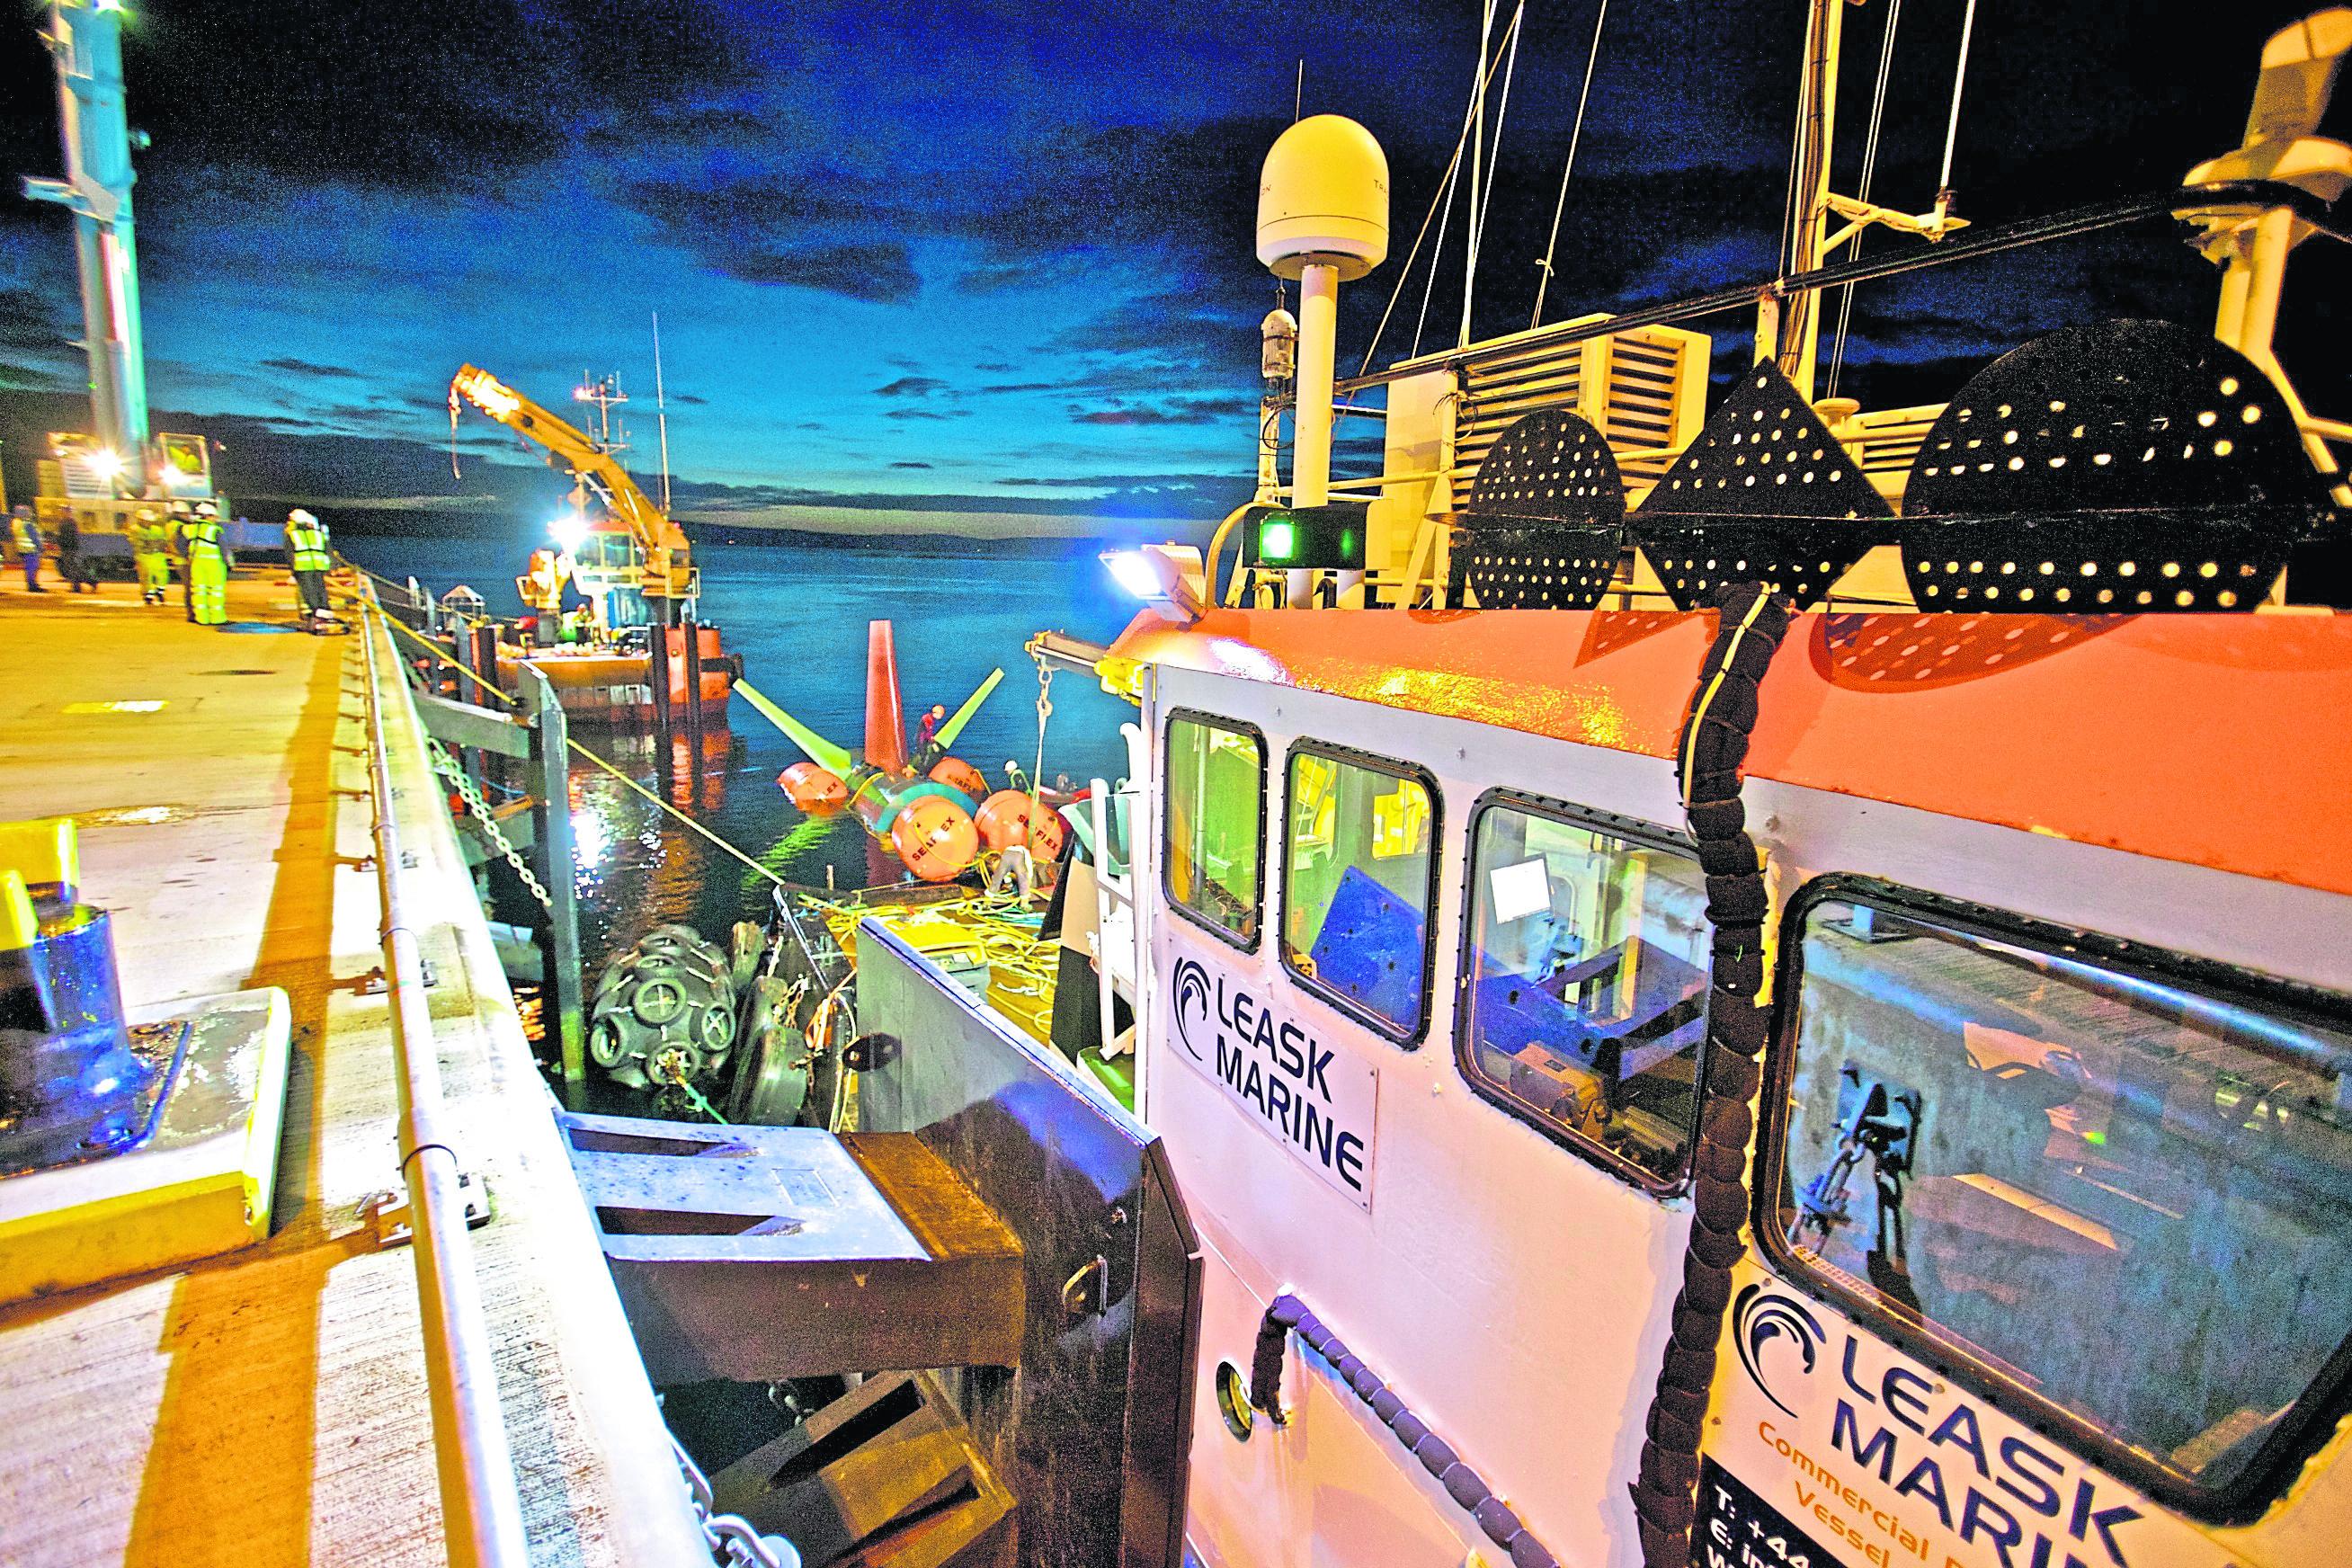 Leask Marine pic